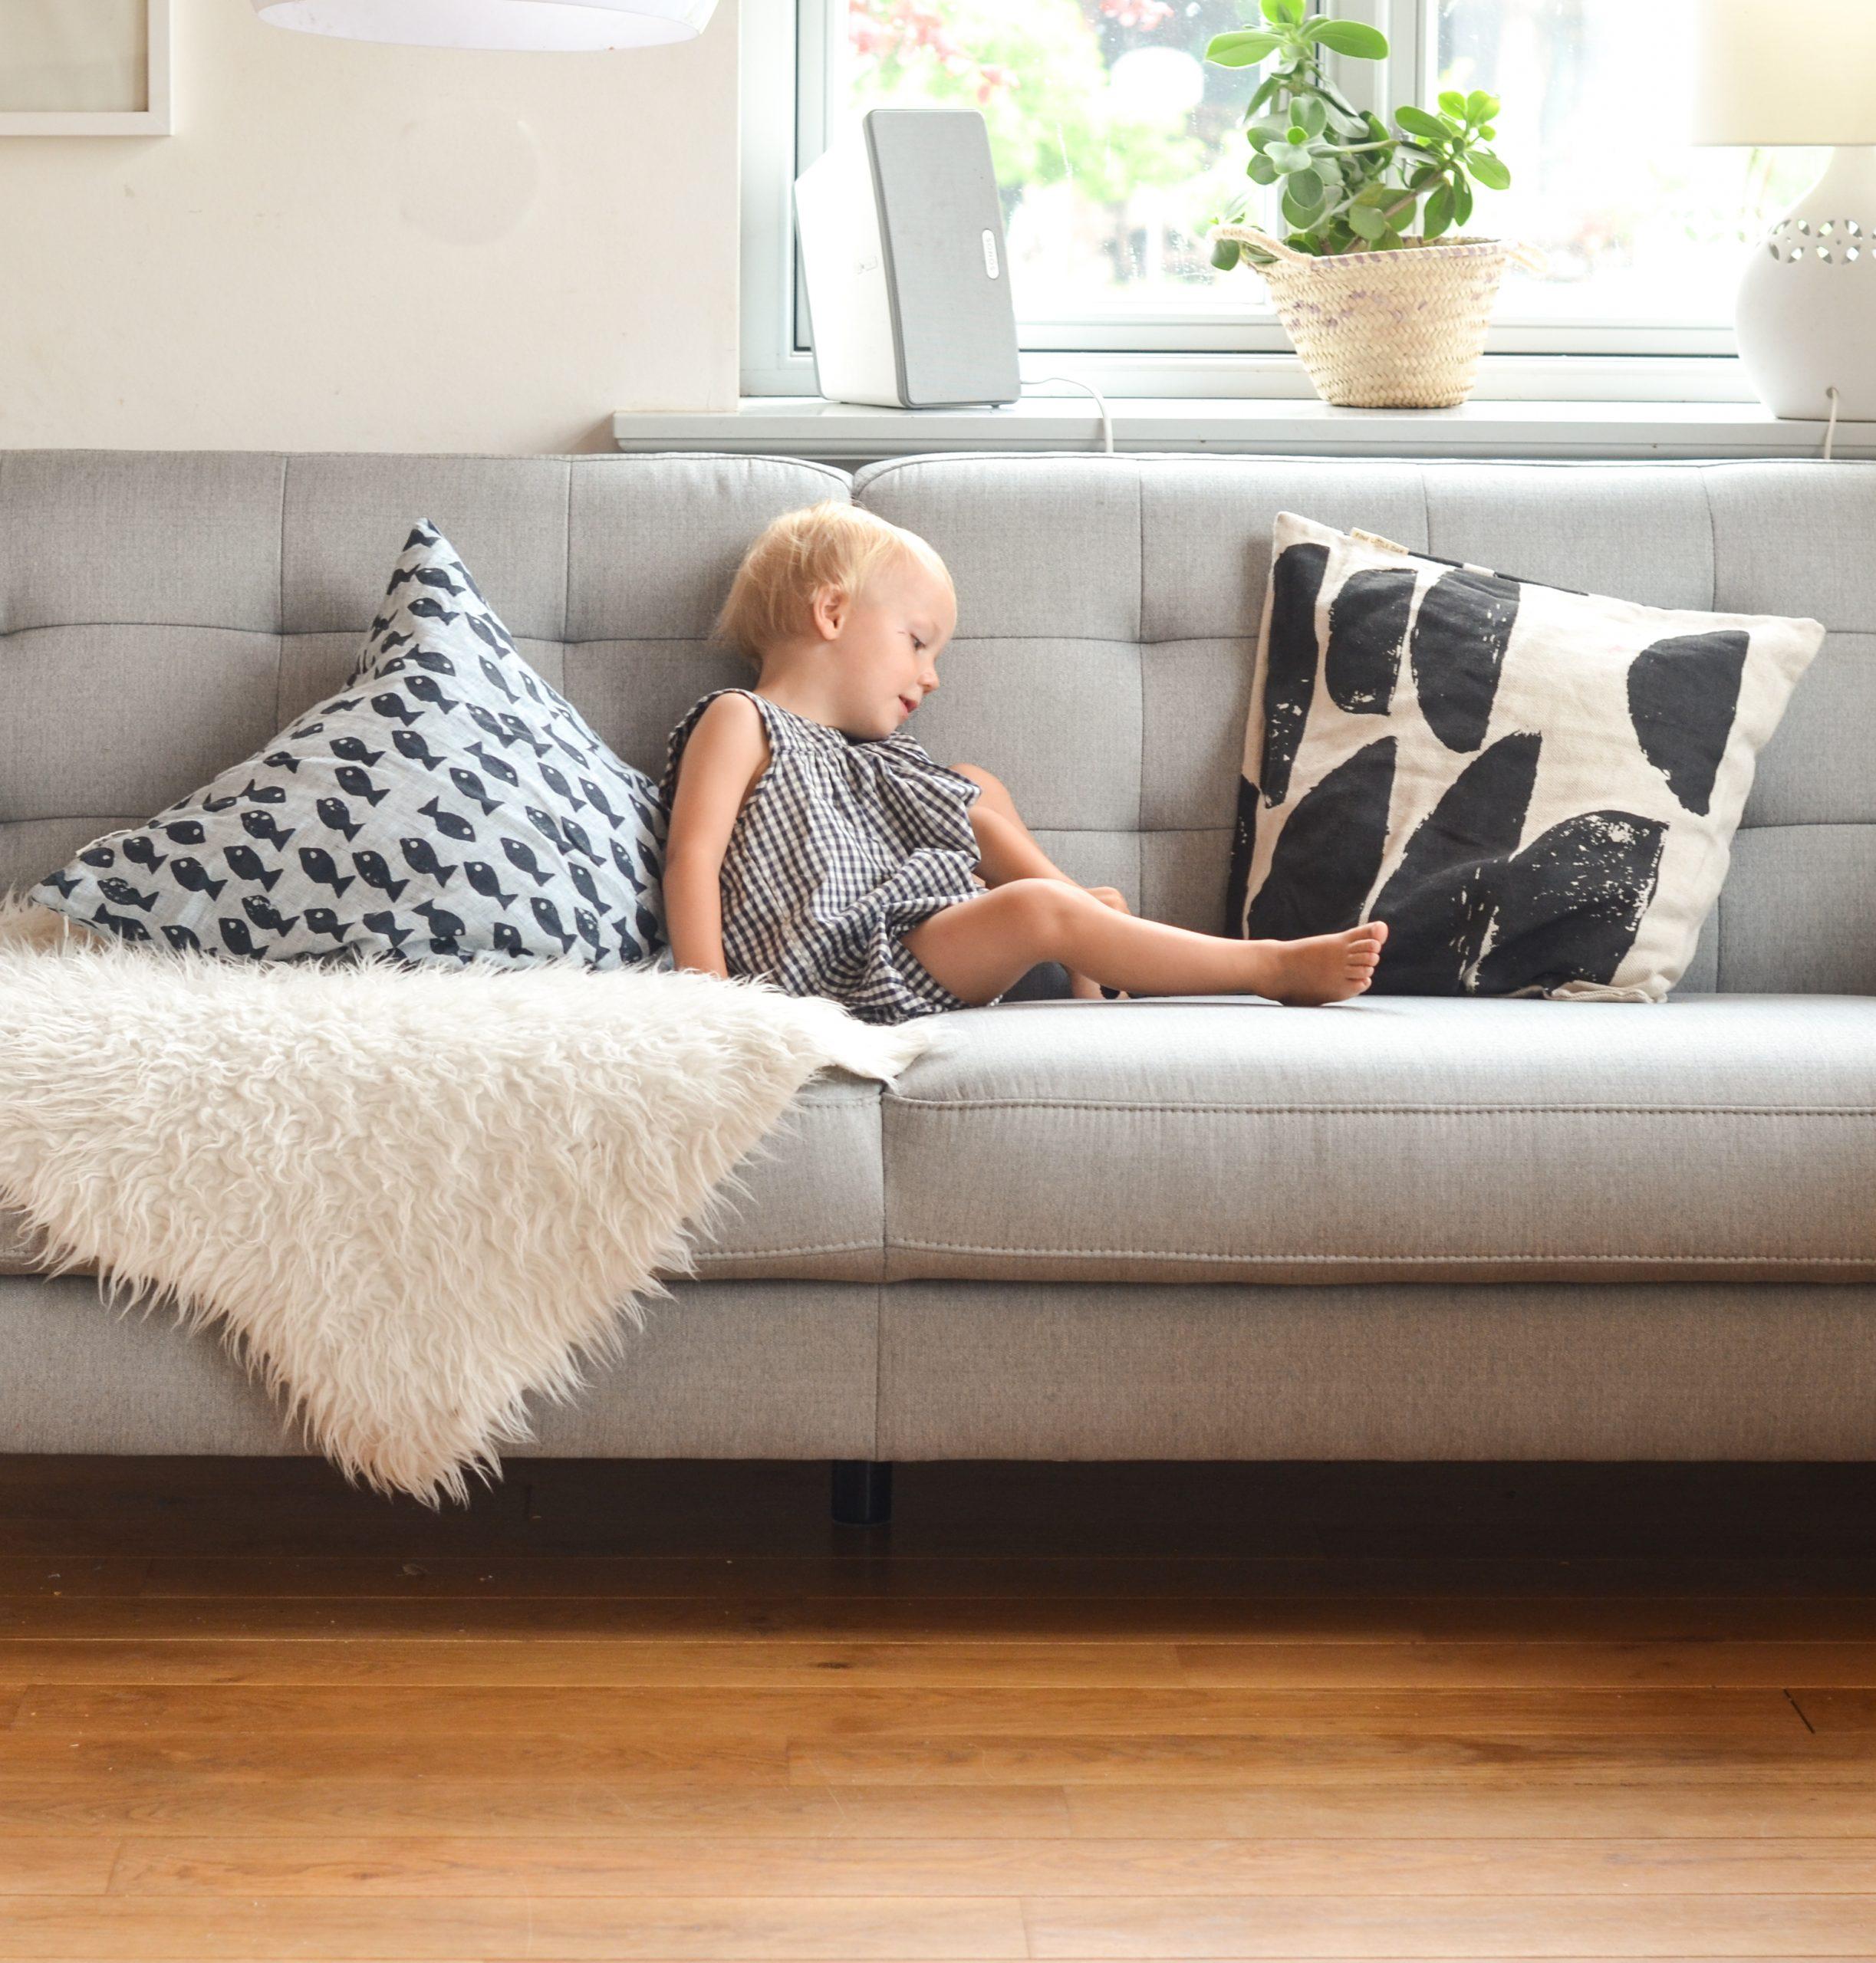 Full Size of Ein Neues Sofa Enthlt Werbung Wasfrmich Chesterfield Luxus Aus Matratzen Rolf Benz Le Corbusier Weißes W Schillig Wk Cognac Barock Mega Jugendzimmer Big Sofa überwurf Sofa